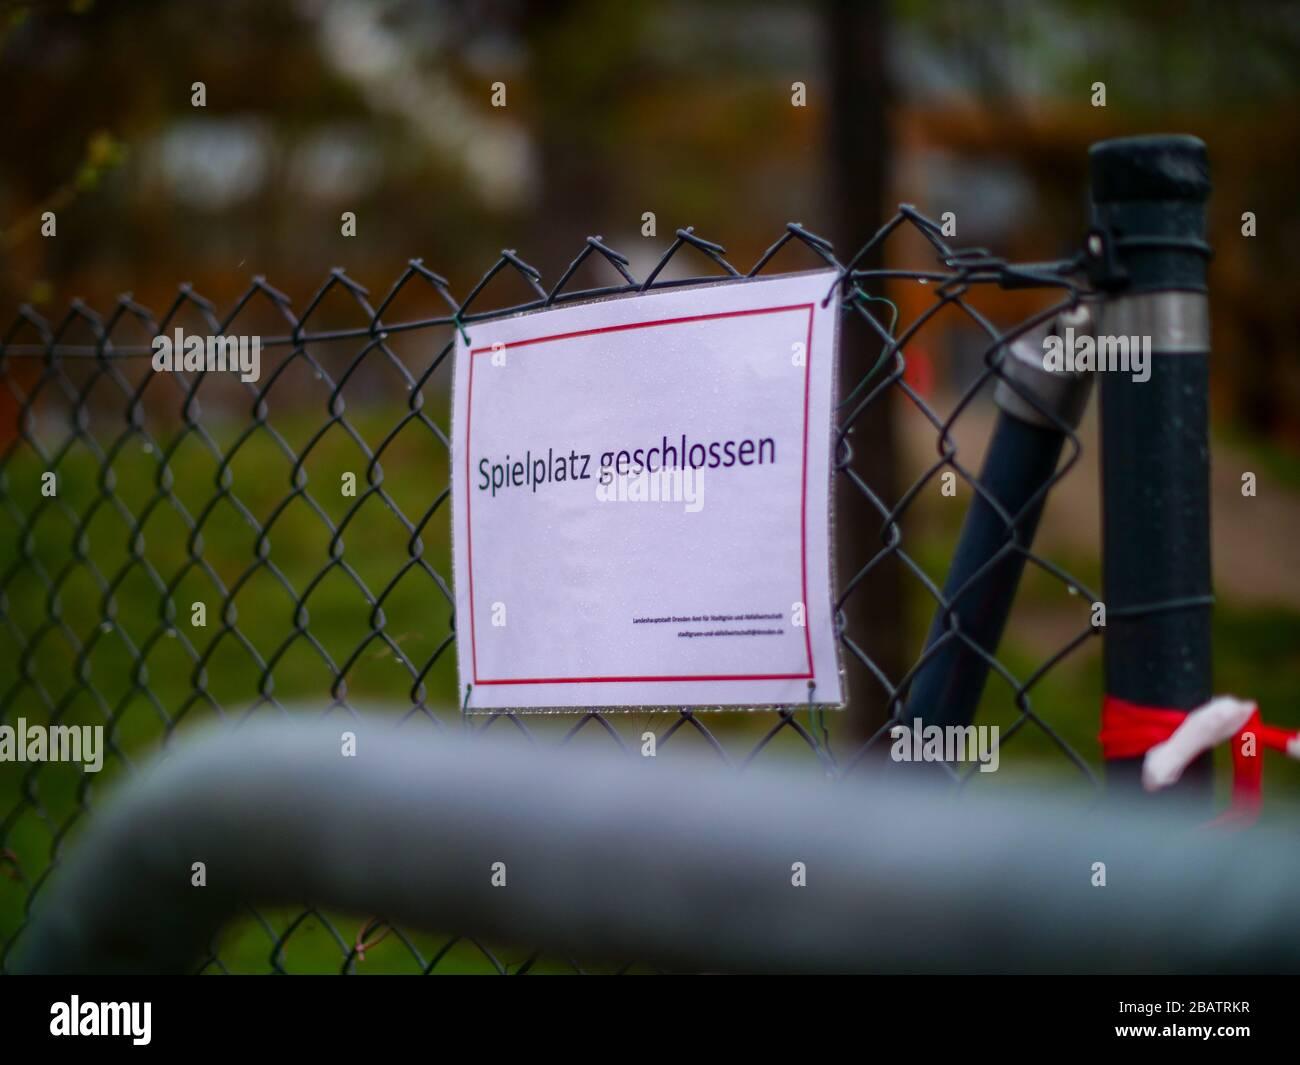 Spielplatz geschlossen wegen Coronavirus Lockdown Ausgangssperre Foto de stock